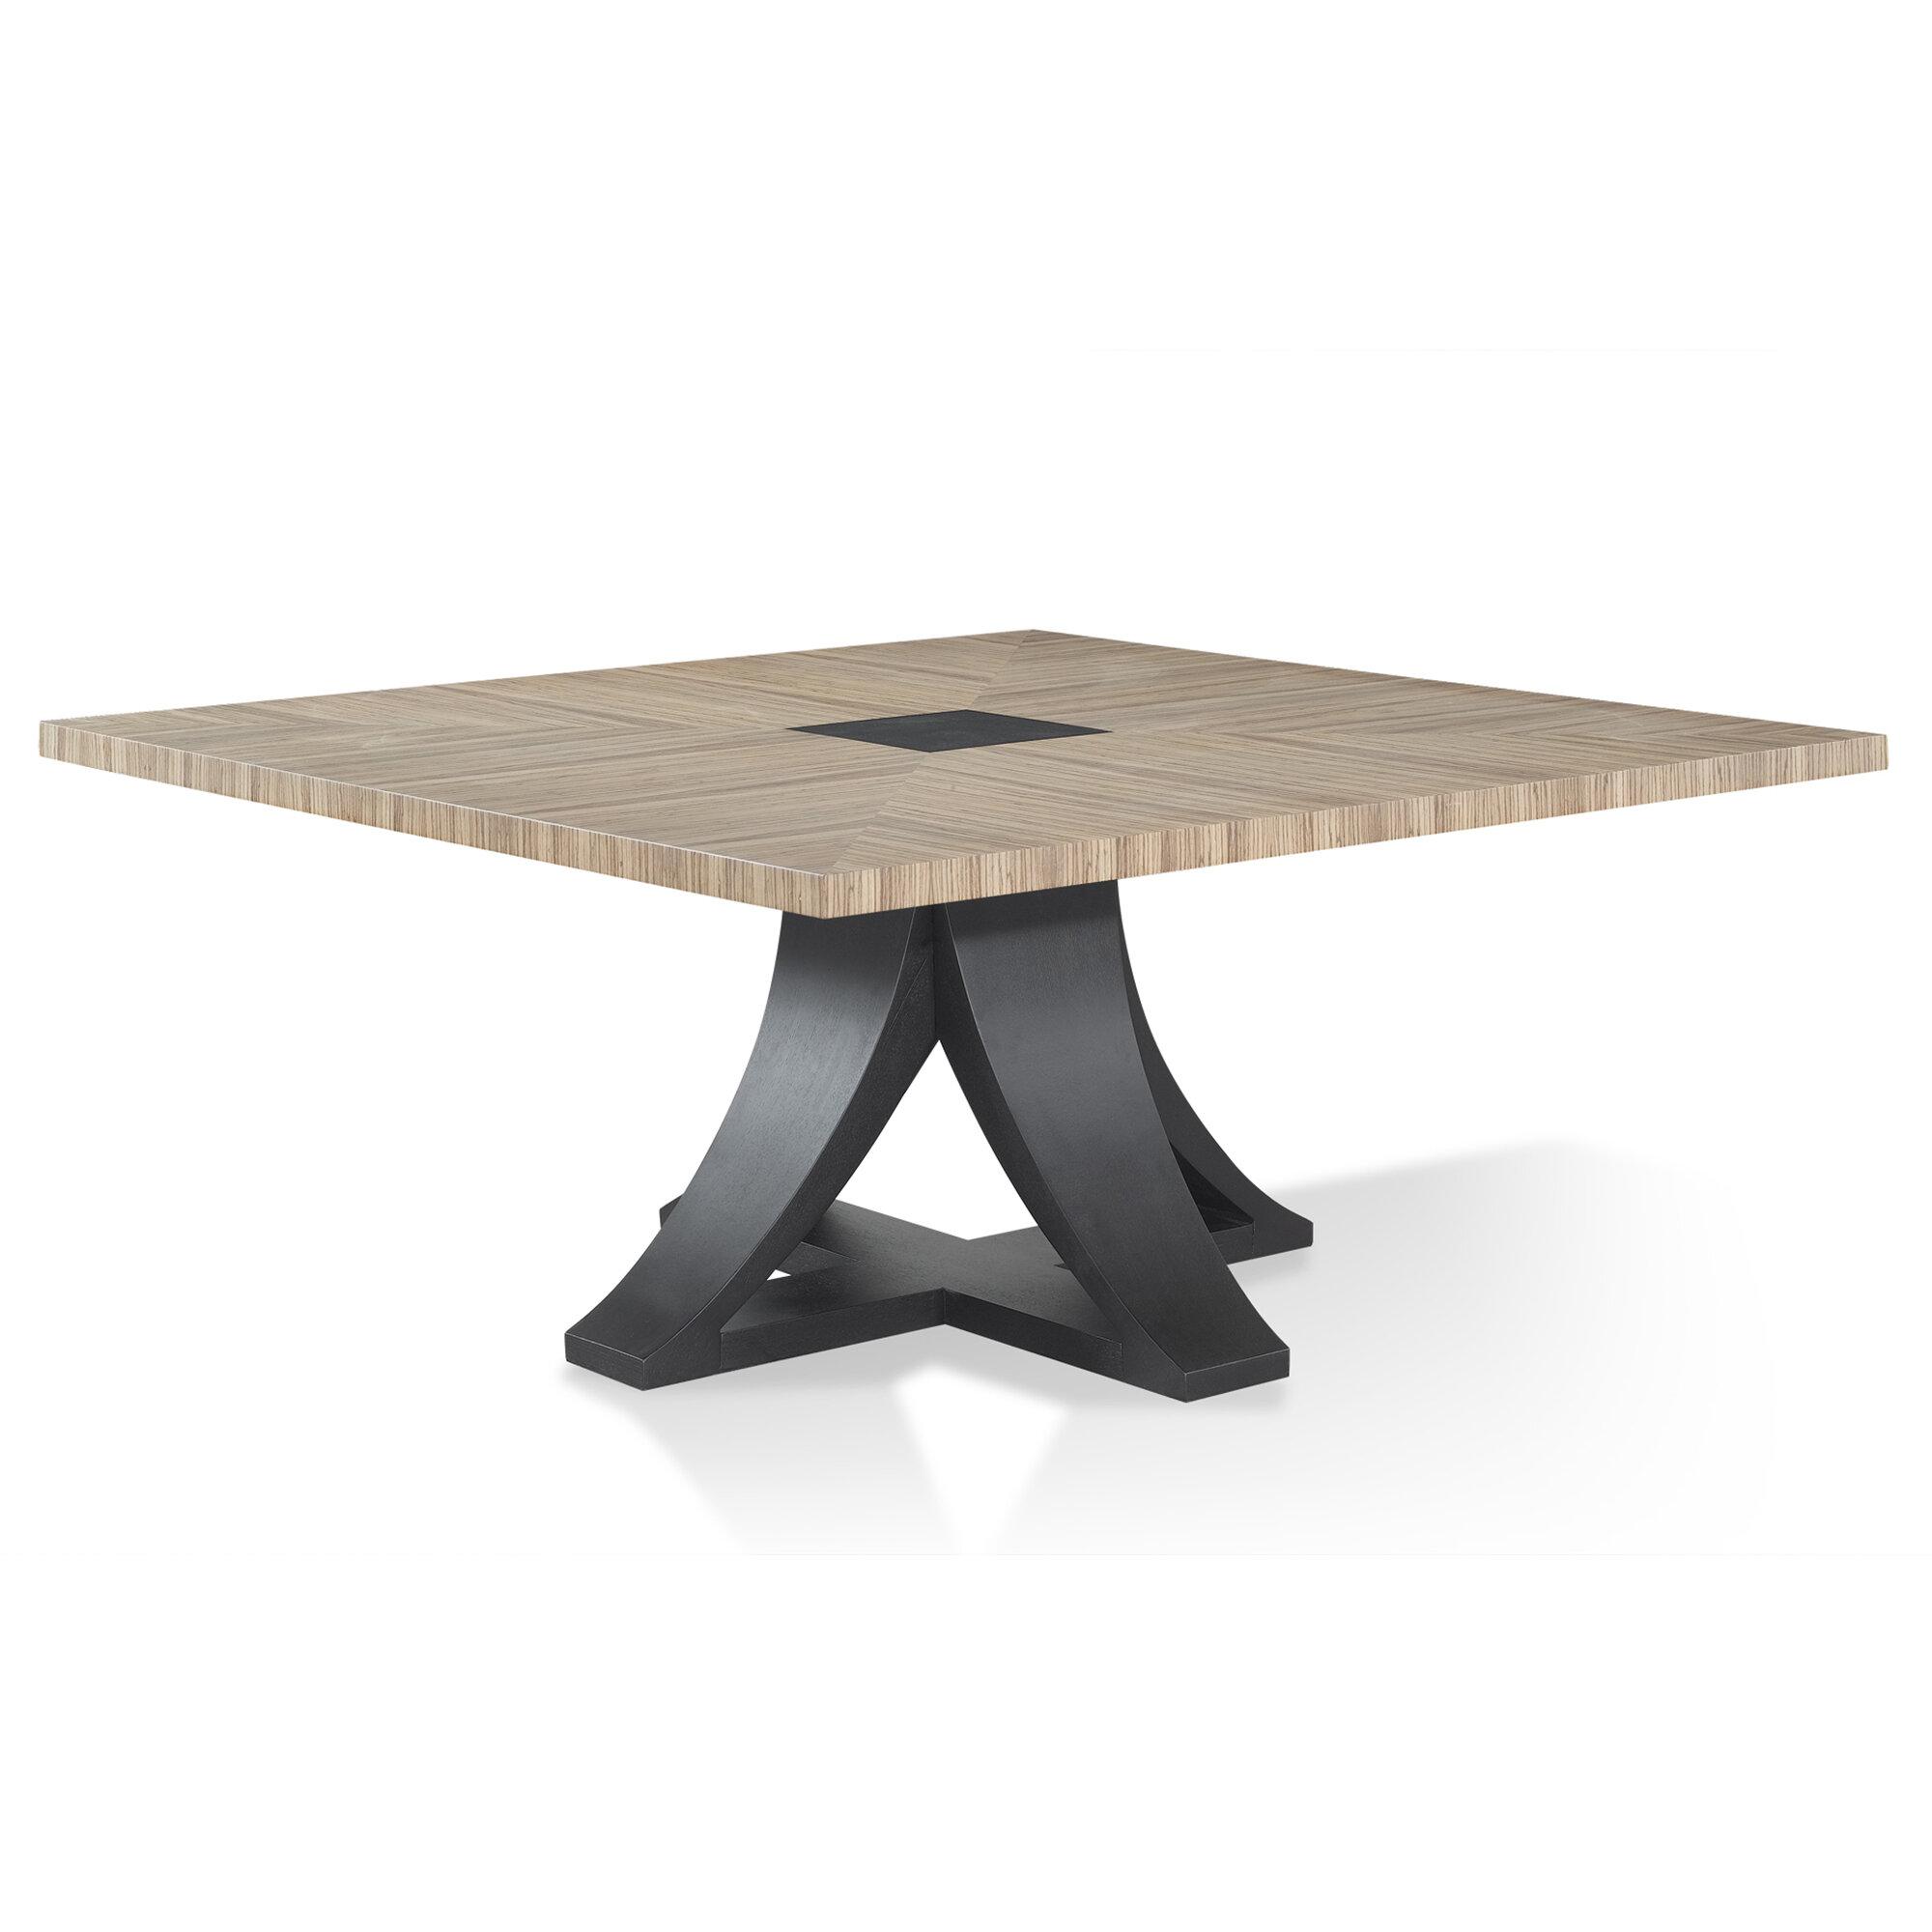 Bonita Dining Table. By Allan Copley Designs